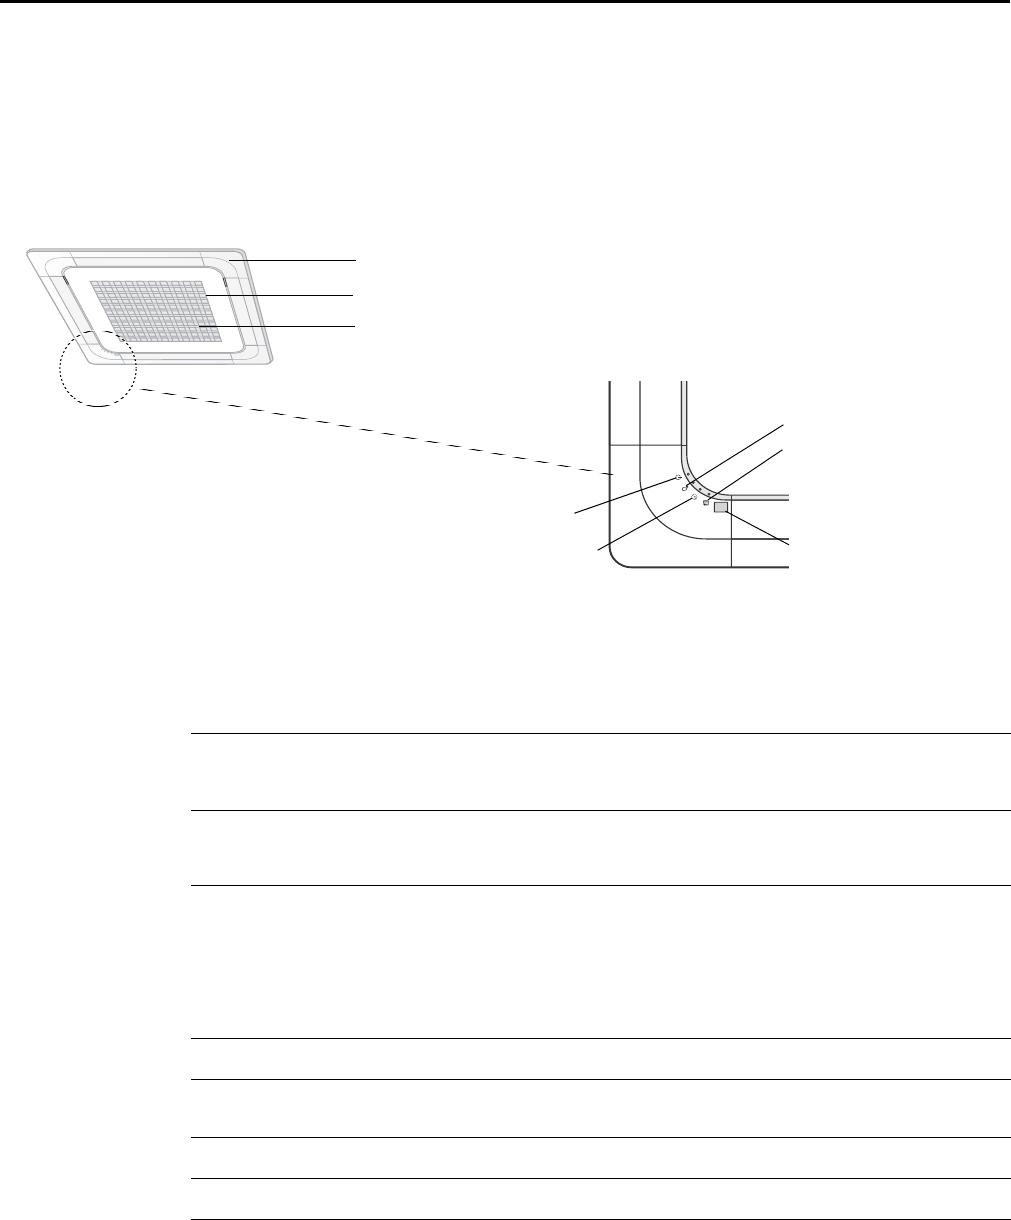 Vrf svx28a en 31